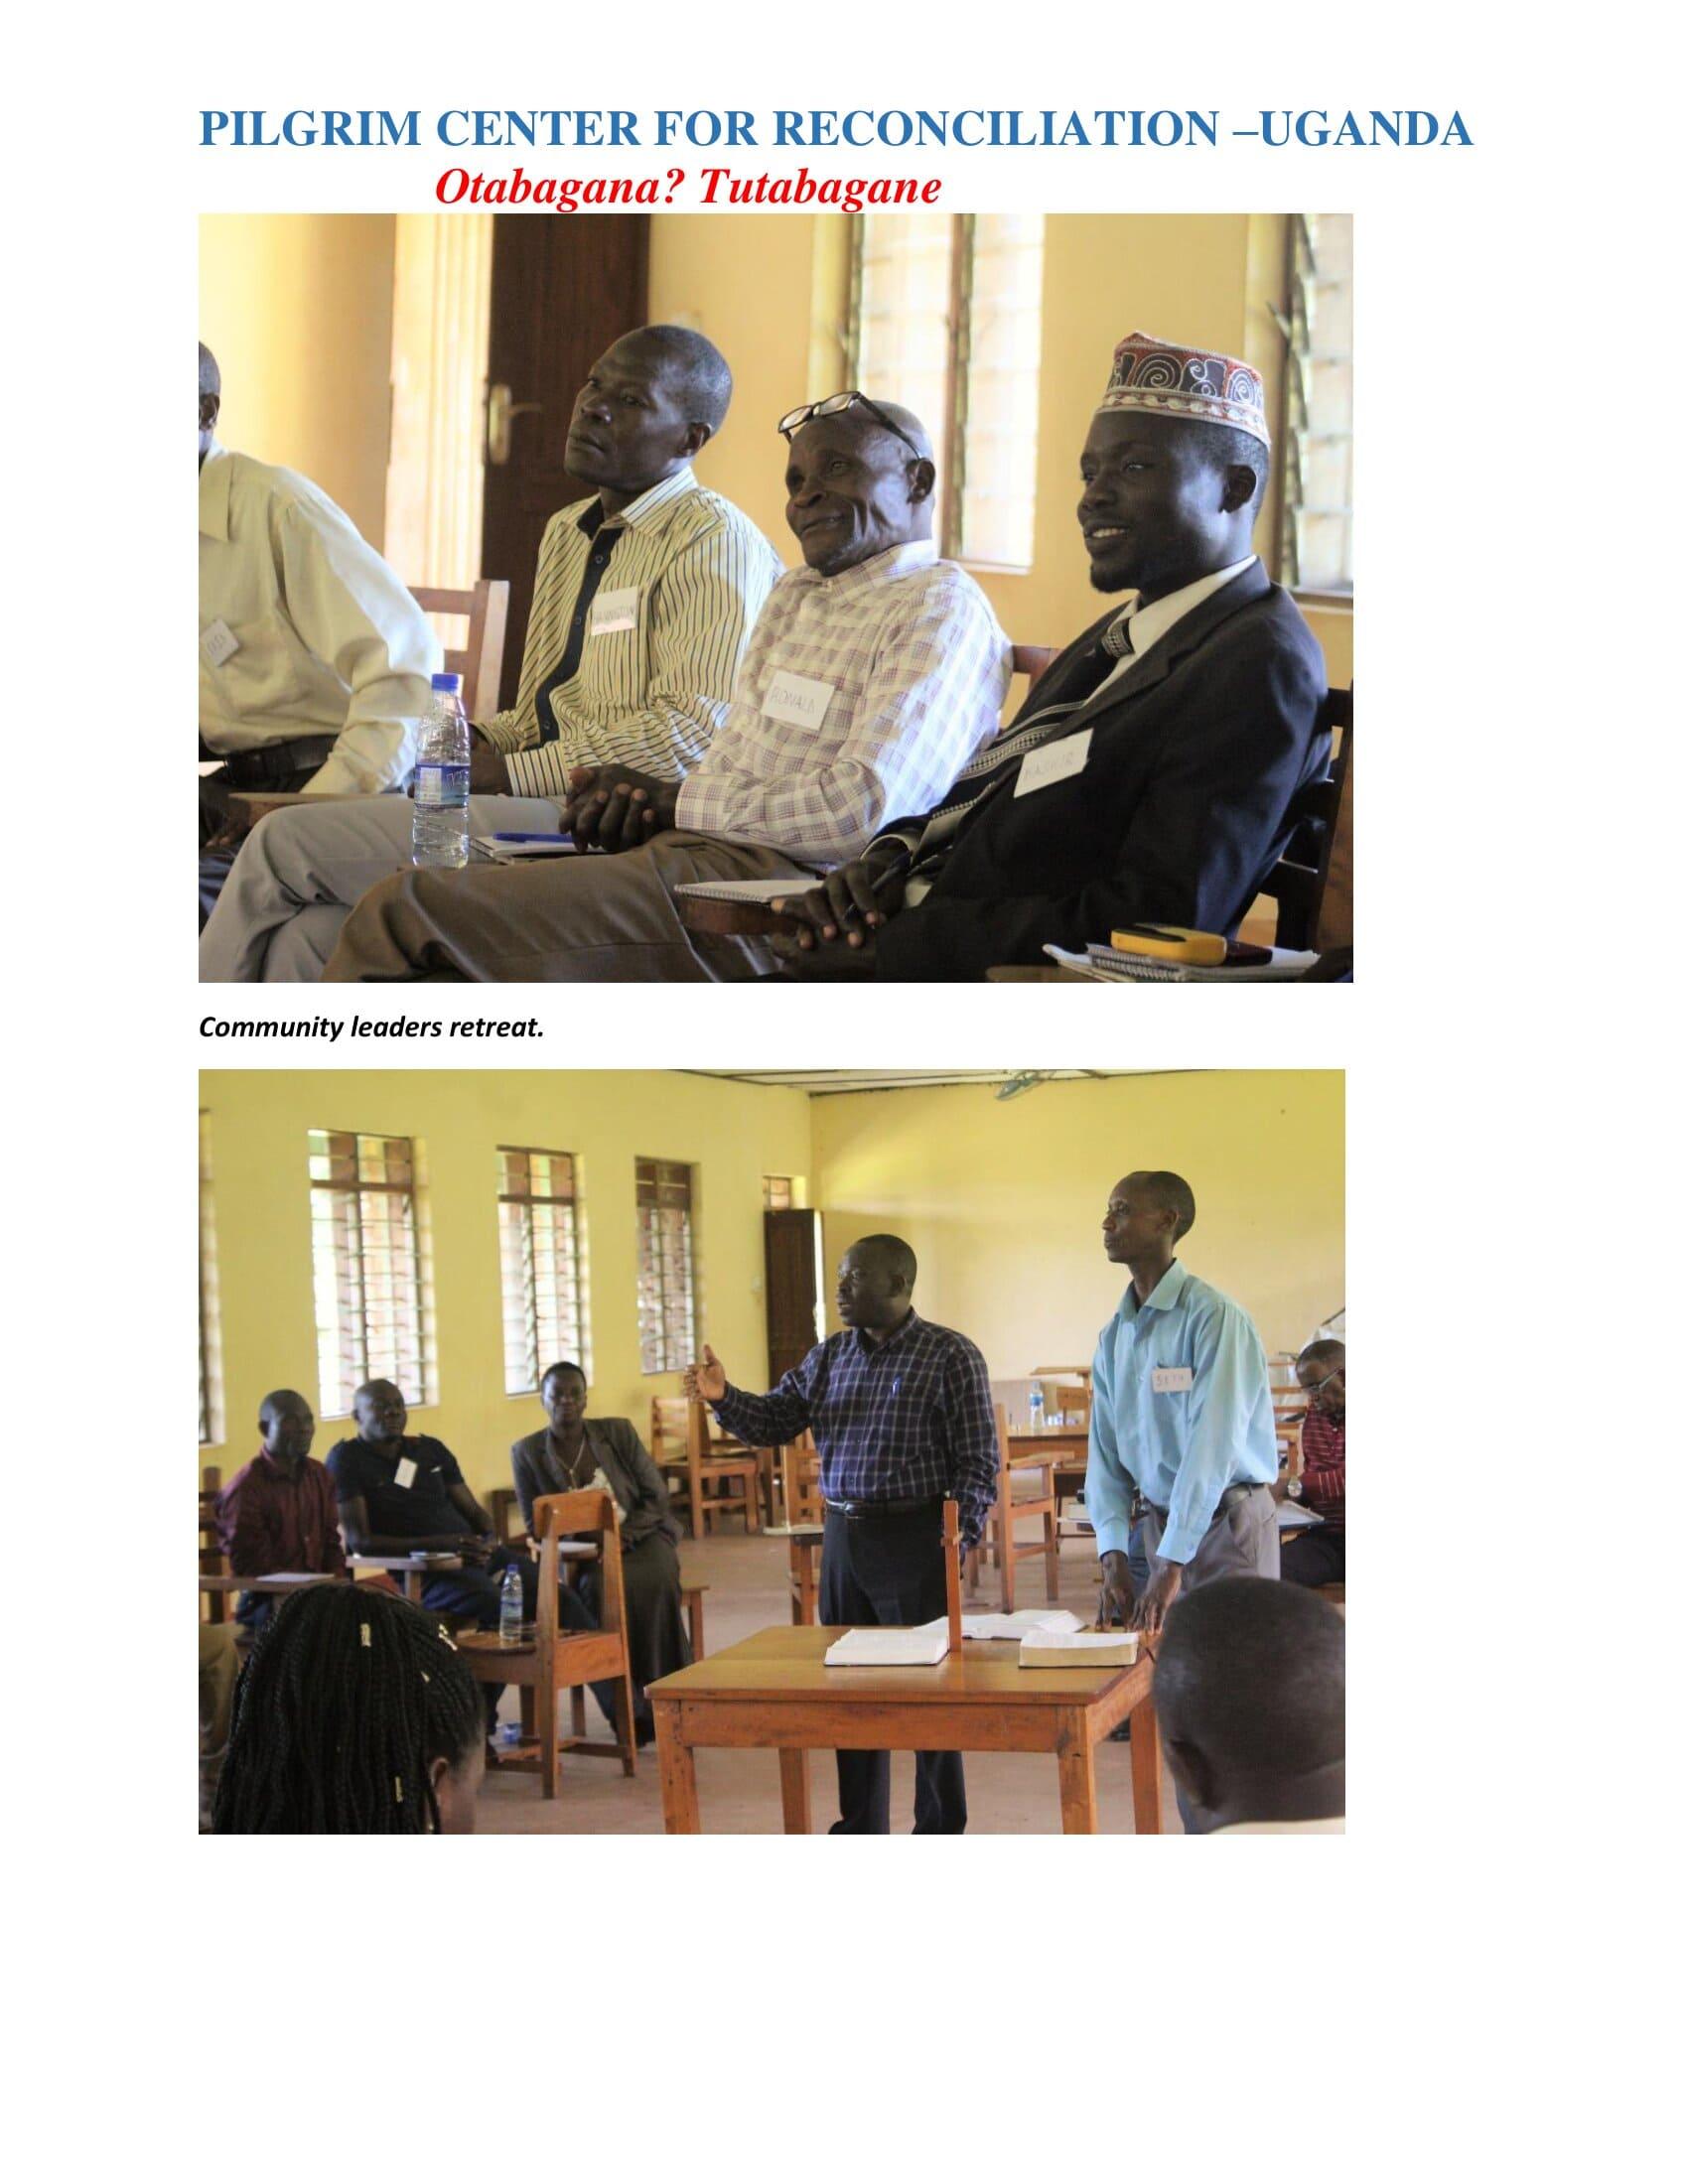 Pirigrim center for reconcilation -Uganda _0020-min